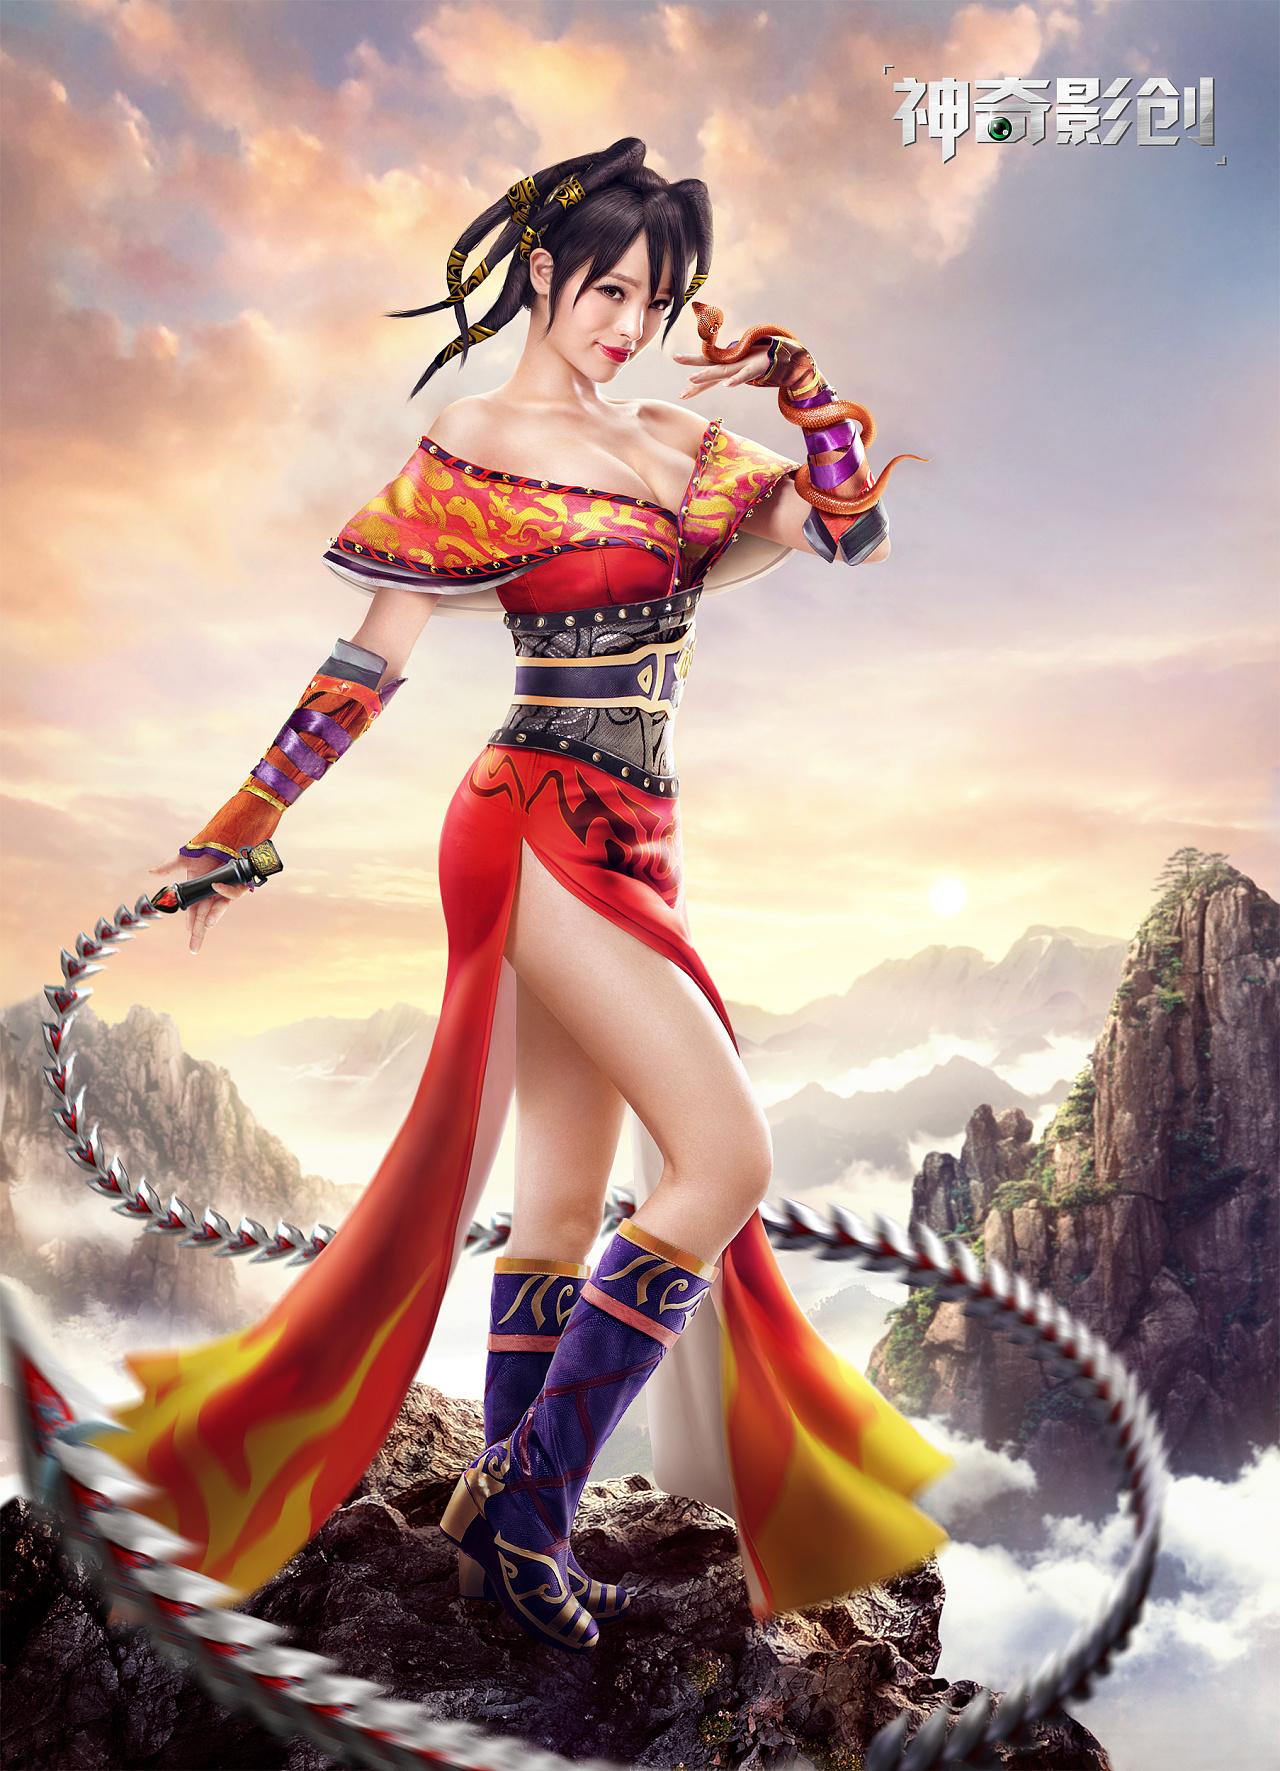 新秦时明月 赤练 cosplay图片